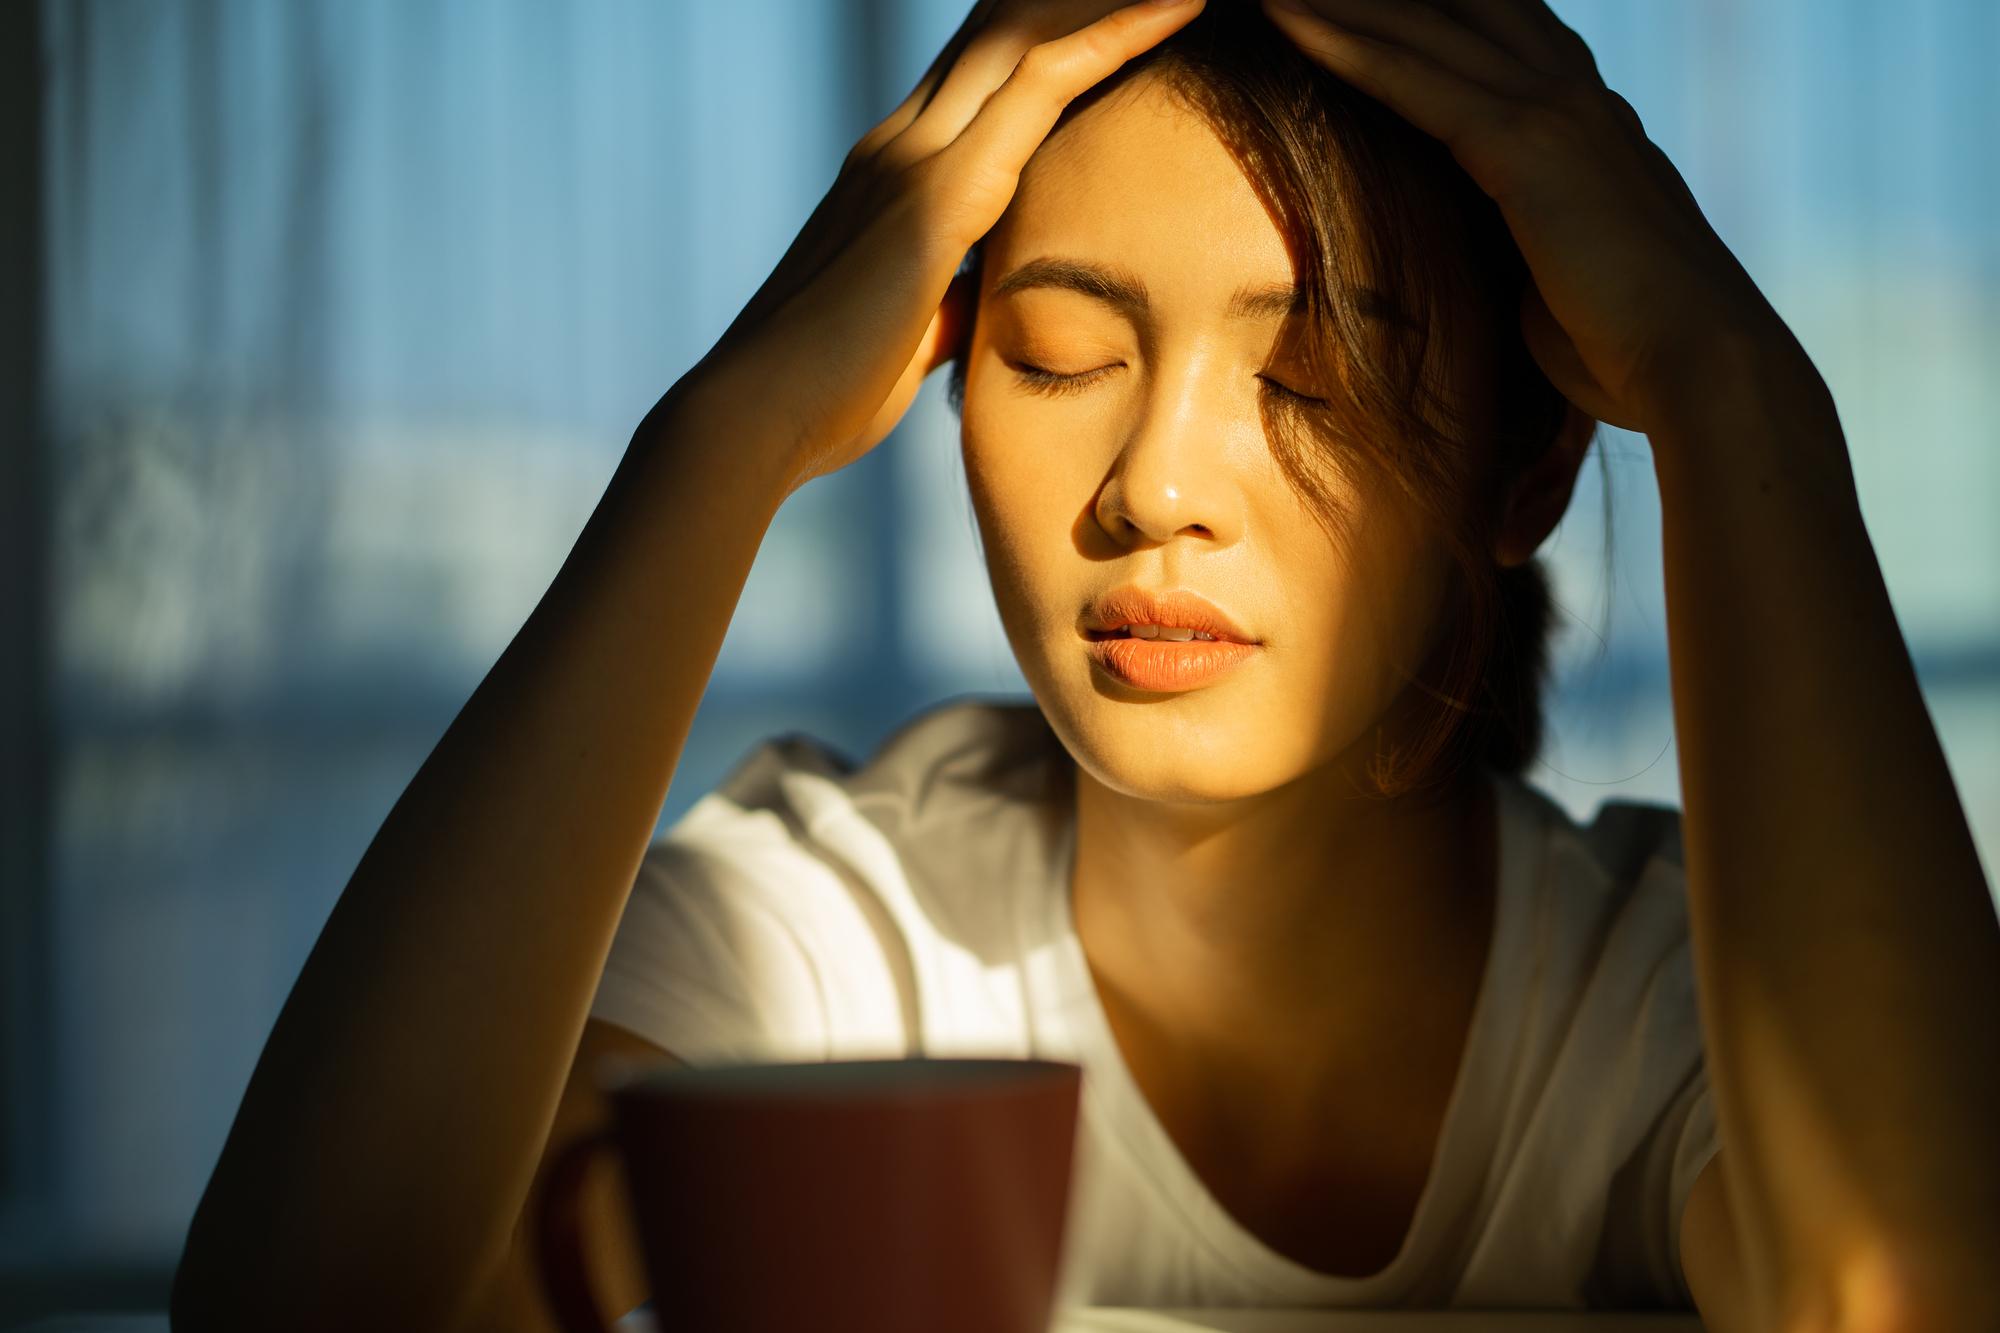 ストレスを感じる女性